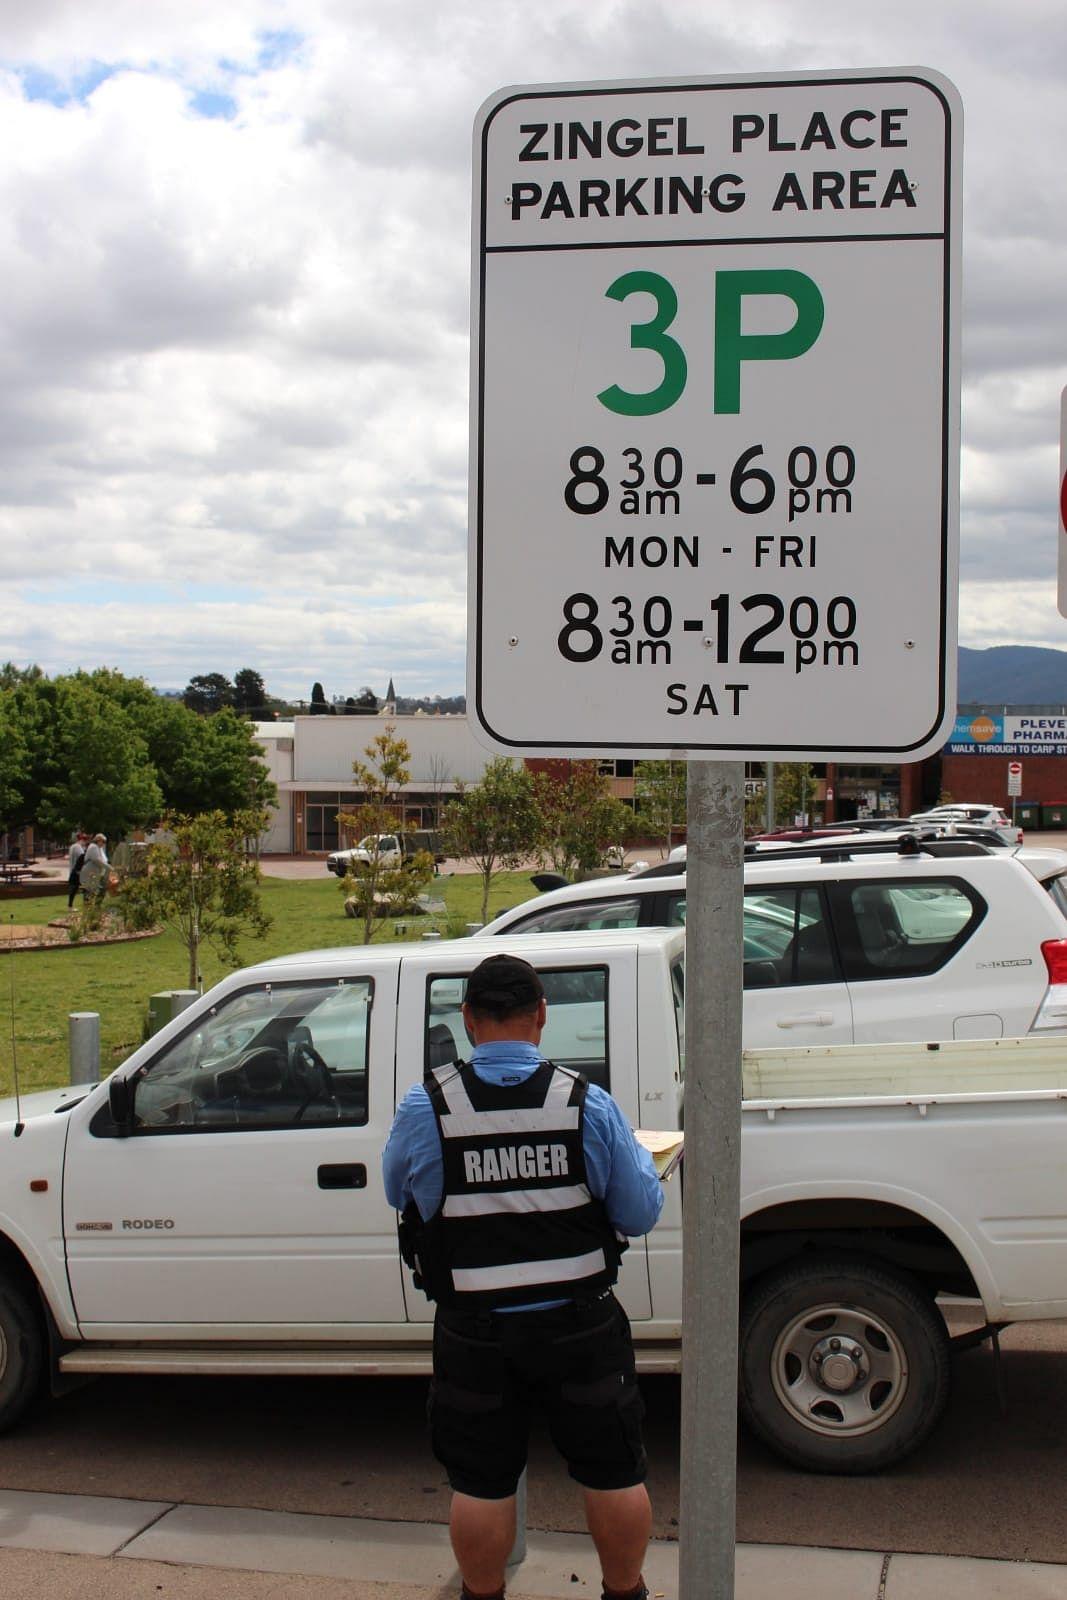 Parking ranger booking a car.